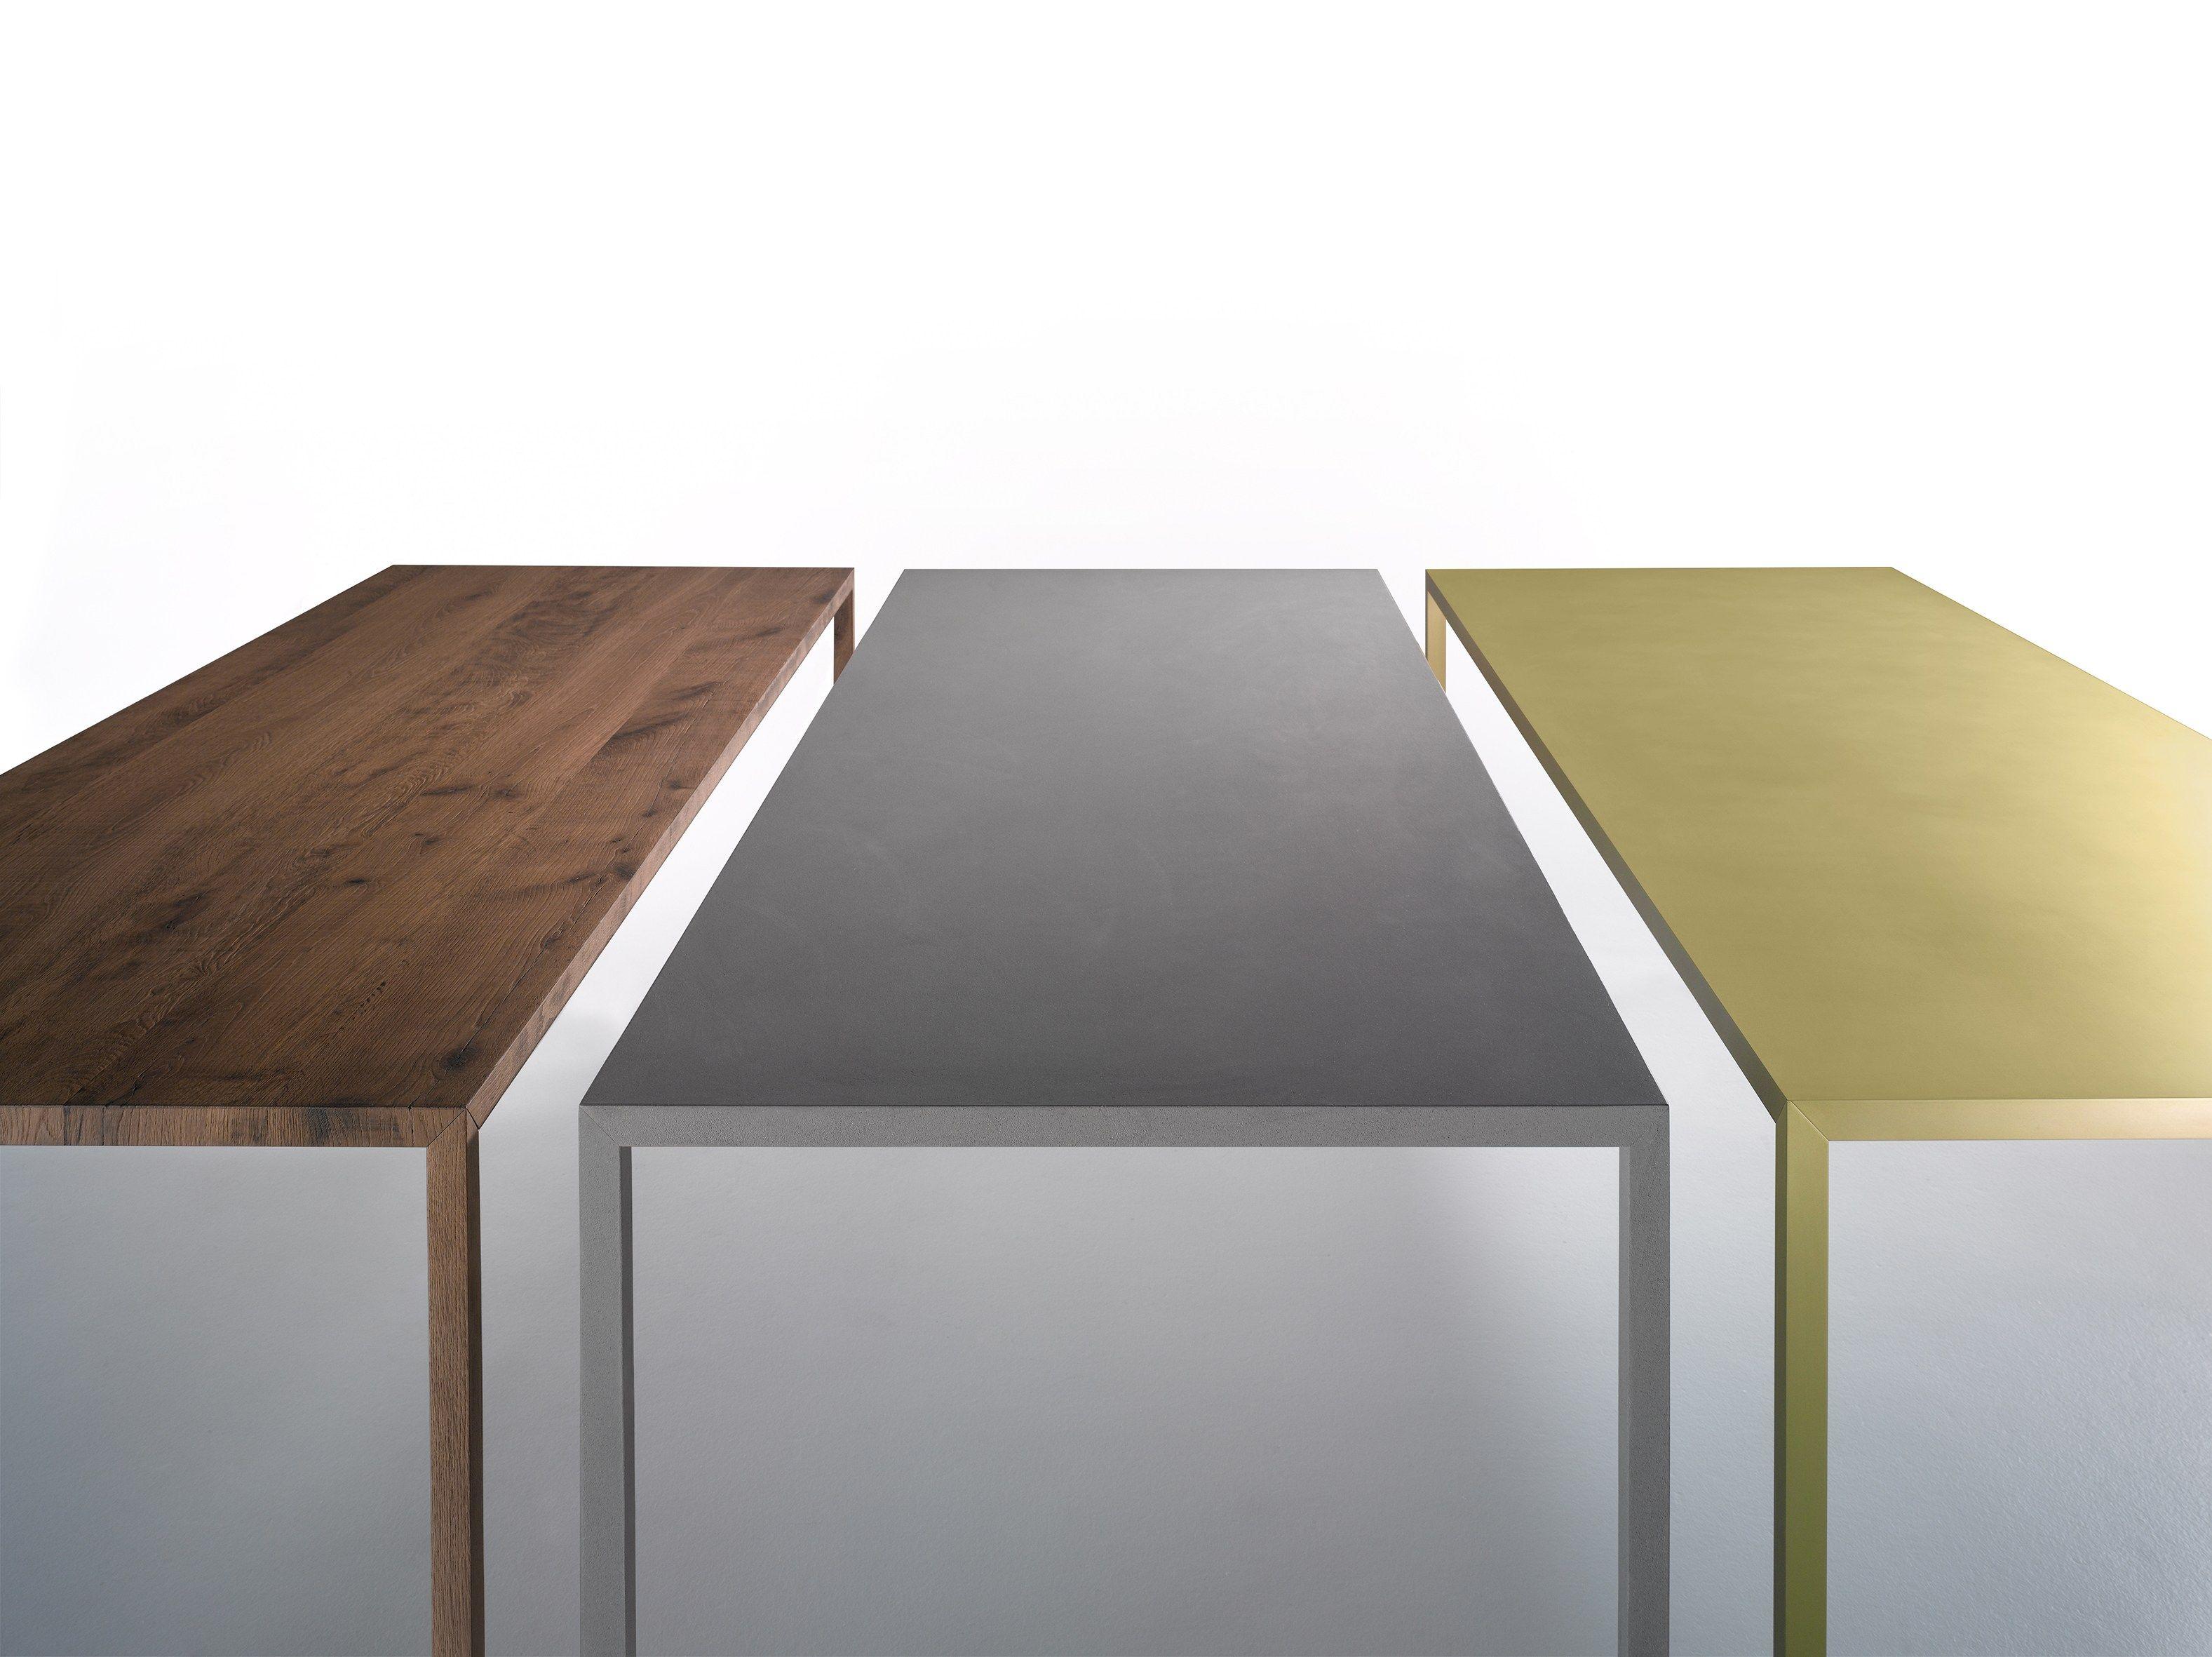 TENSE MATERIAL | Stone Table By MDF Italia Design Piergiorgio Cazzaniga,  Michele Cazzaniga